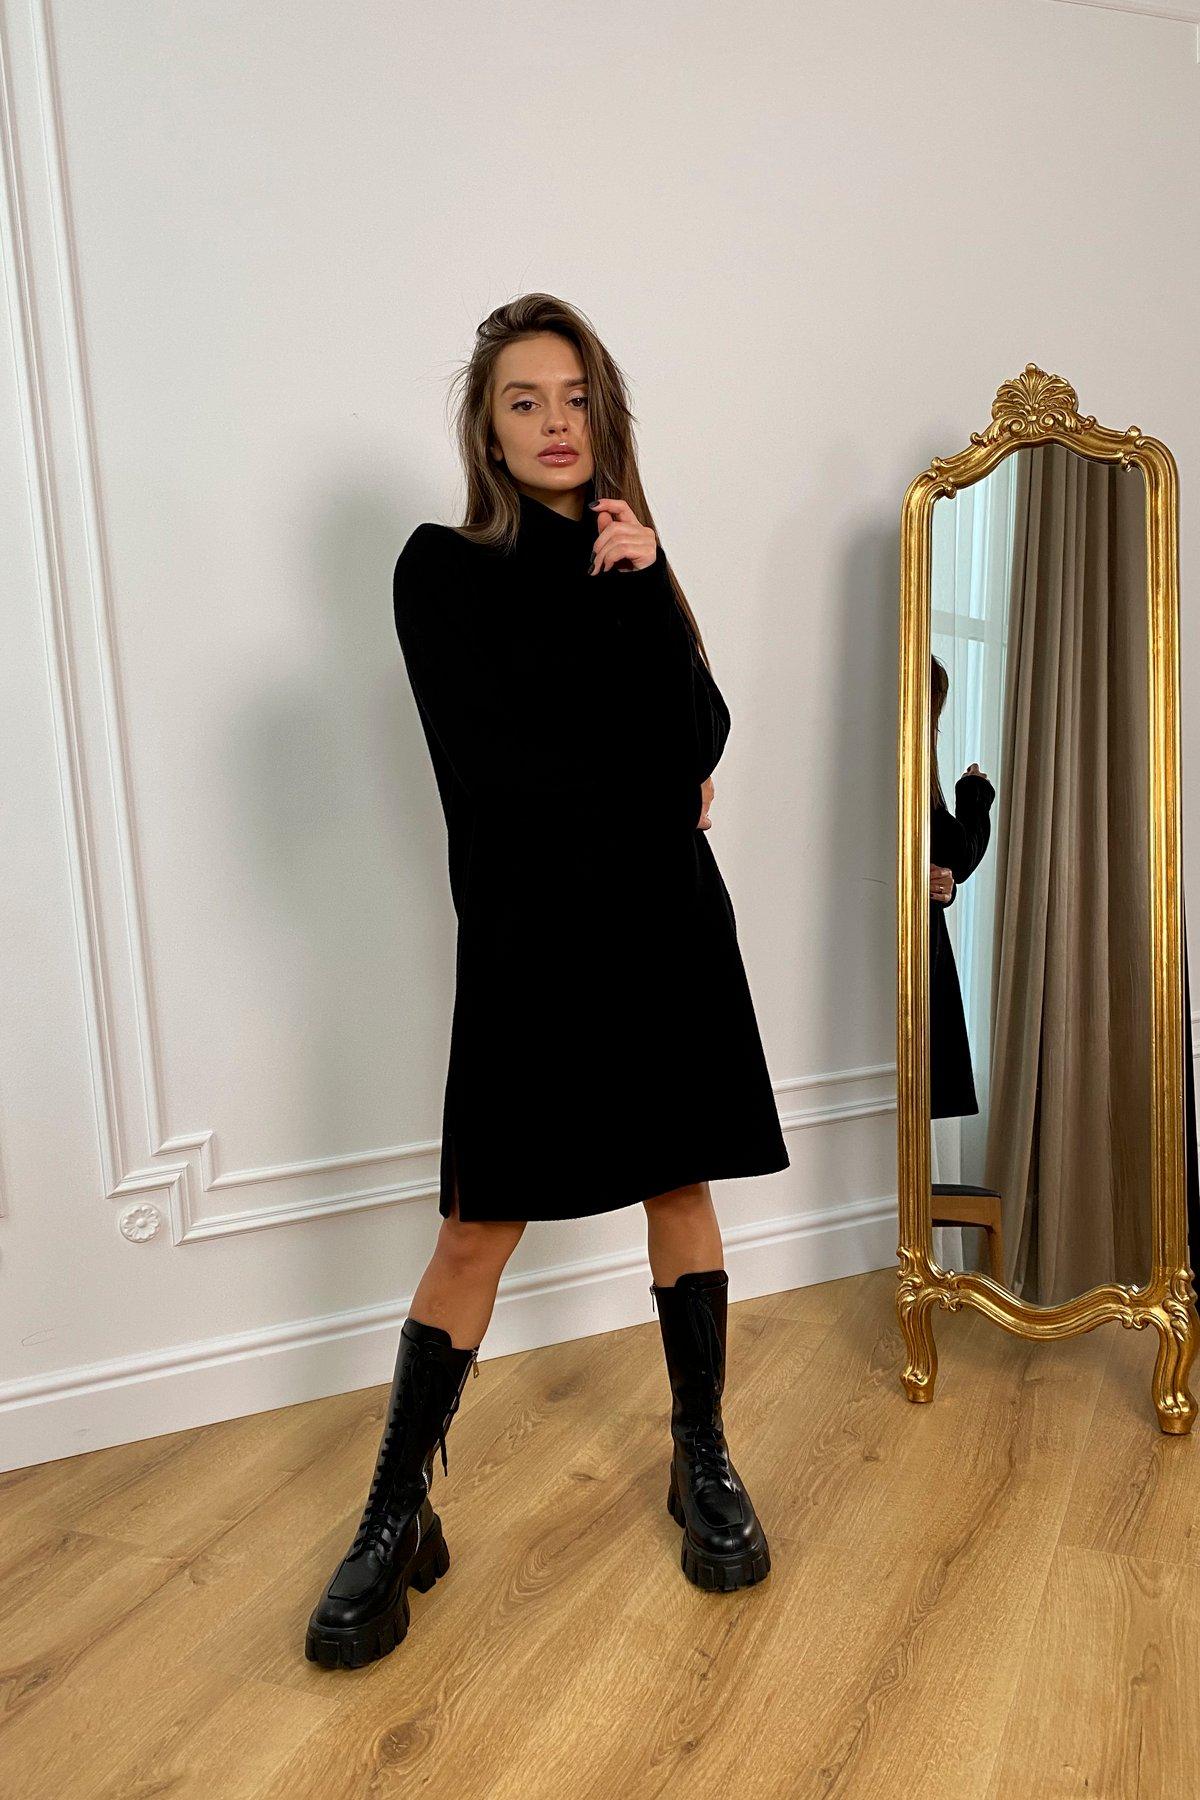 Дресса трикотаж ангора платье 10129 АРТ. 46428 Цвет: Черный - фото 8, интернет магазин tm-modus.ru